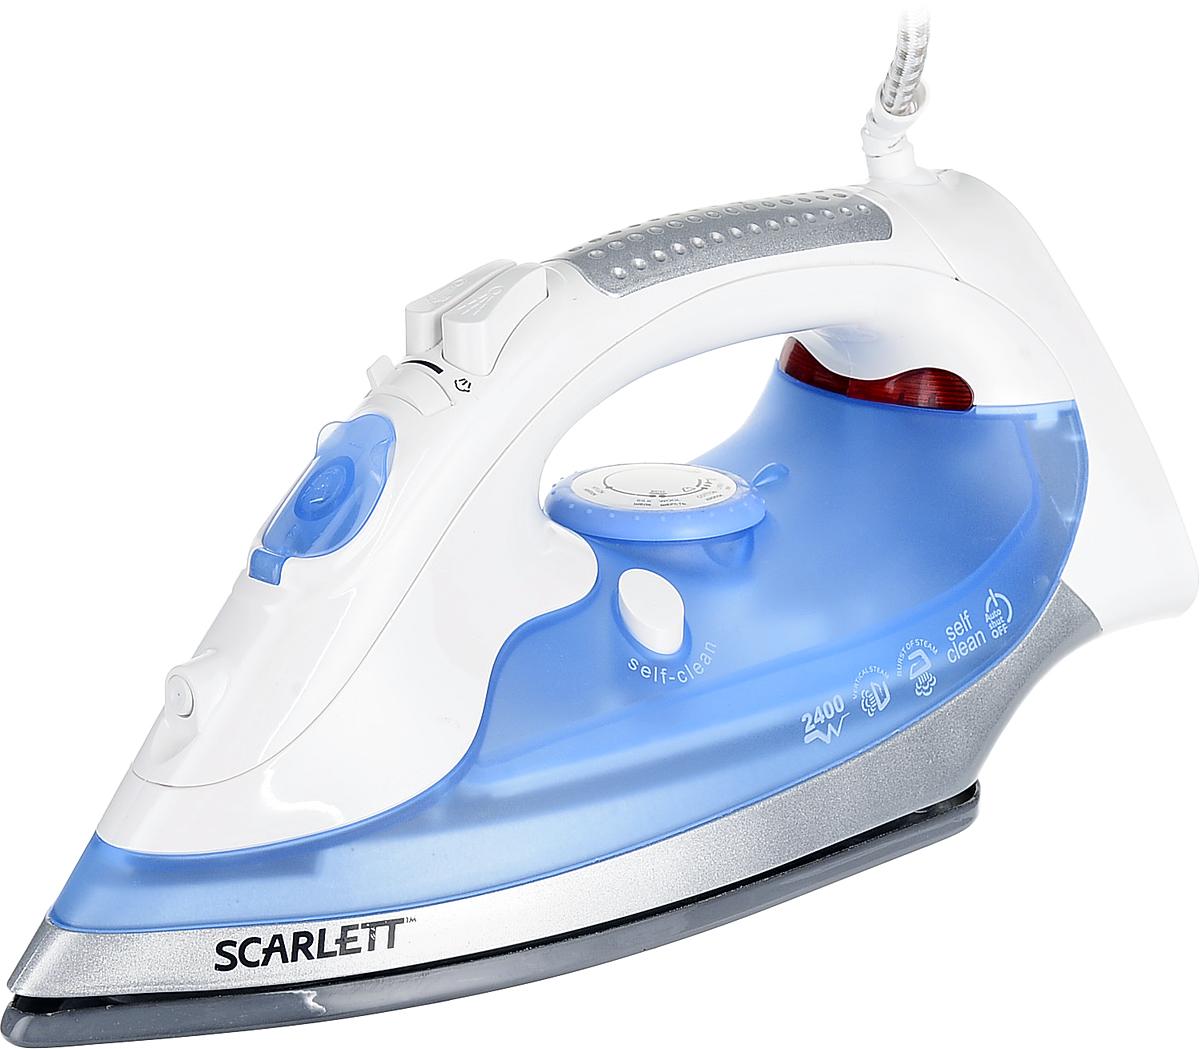 Scarlett SC-SI30E02 утюгSC-SI30E02Утюг Scarlett SC-SI30E02 лучший выбор для активного использования. Он имеет паровые отверстия для качественного отпаривания вашей одежды. Специальная форма носика идеальна для проглаживания труднодоступных мест. С помощью системы вертикального отпаривания можно эффективно разгладить даже самые глубокие складки. Подошва имеет технологию многослойного покрытия SlideProGlide: - алюминий обеспечивает моментальный нагрев;- жаропрочная эмаль обеспечивает равномерное распределение тепла по подошве;- финальный слой на основе диоксида кремния придает поверхности гладкость, обеспечивая сверхлегкое скольжение, и повышенную твердость, защищая подошву от царапин.